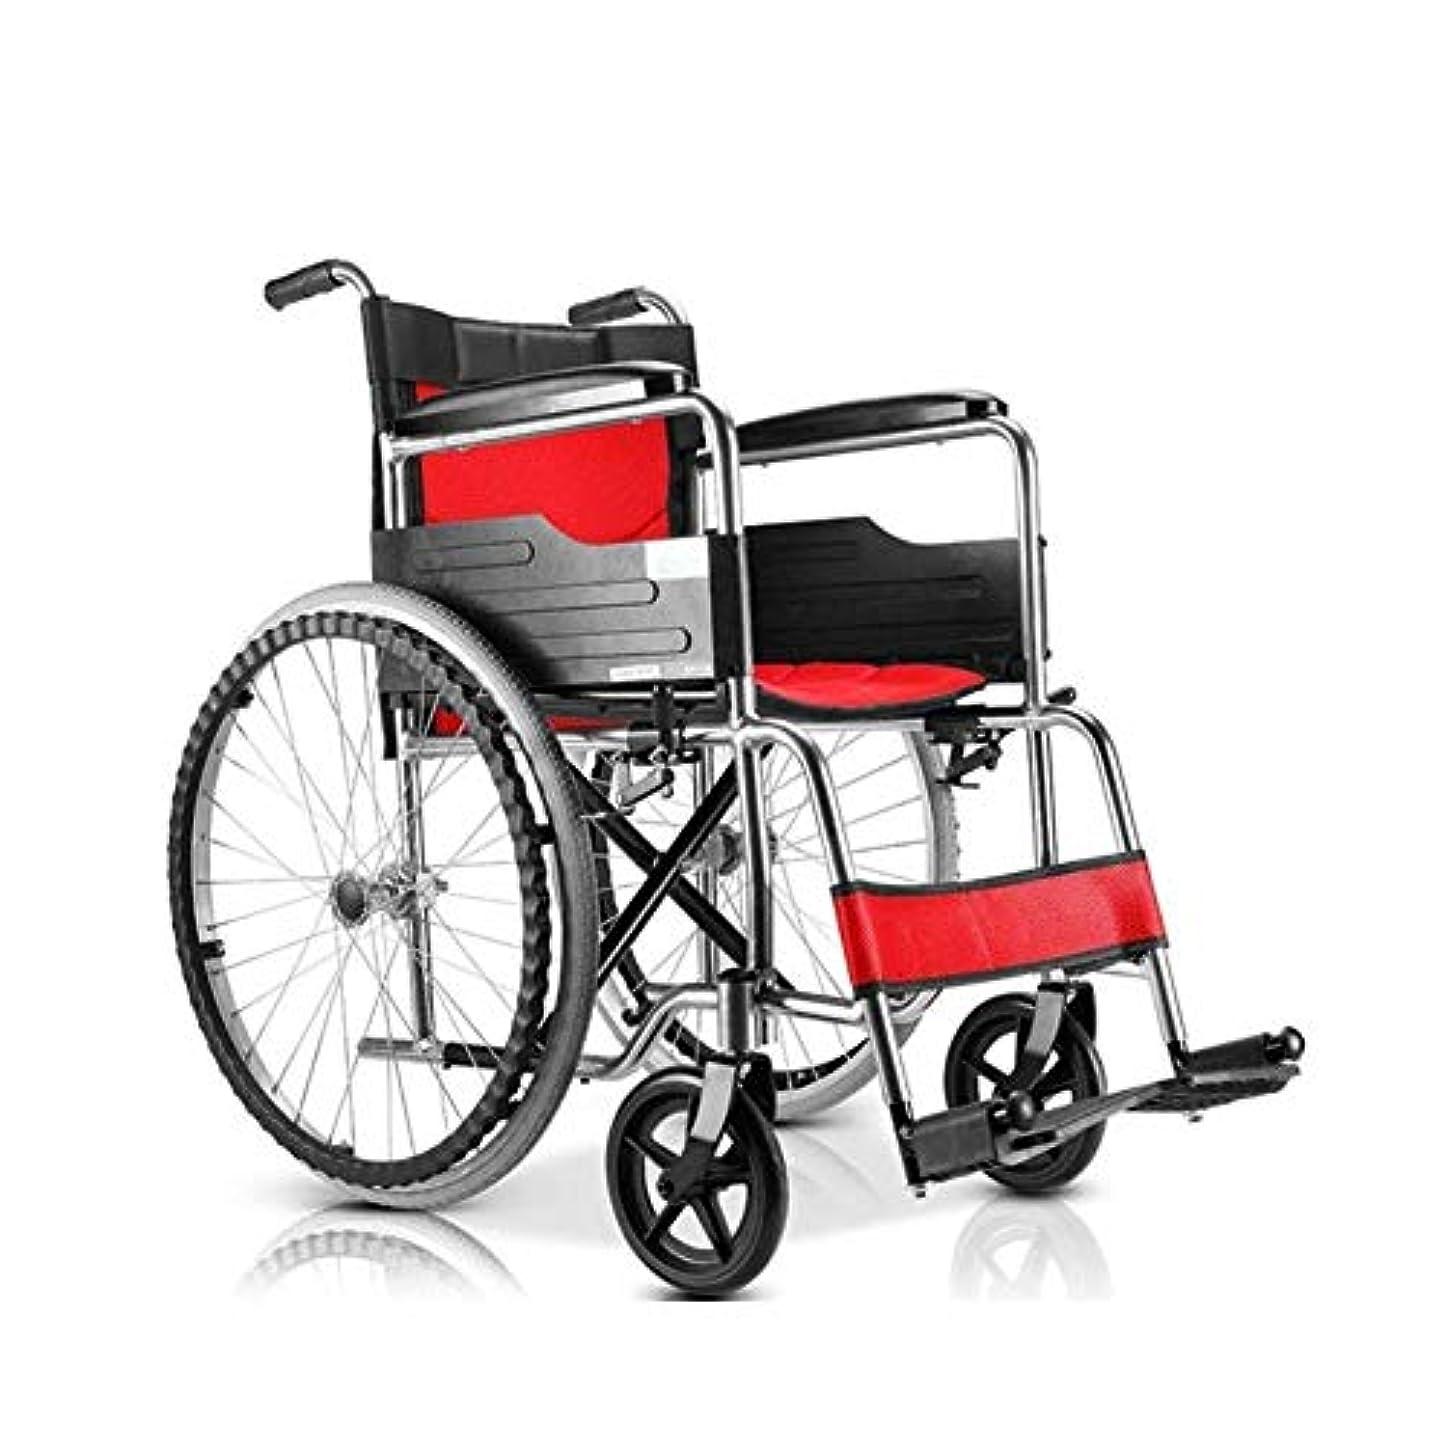 パック去るレーニン主義自走式車椅子、高齢者、身体障害者、身体障害者向けの軽量モビリティデバイス、ポータブル車椅子